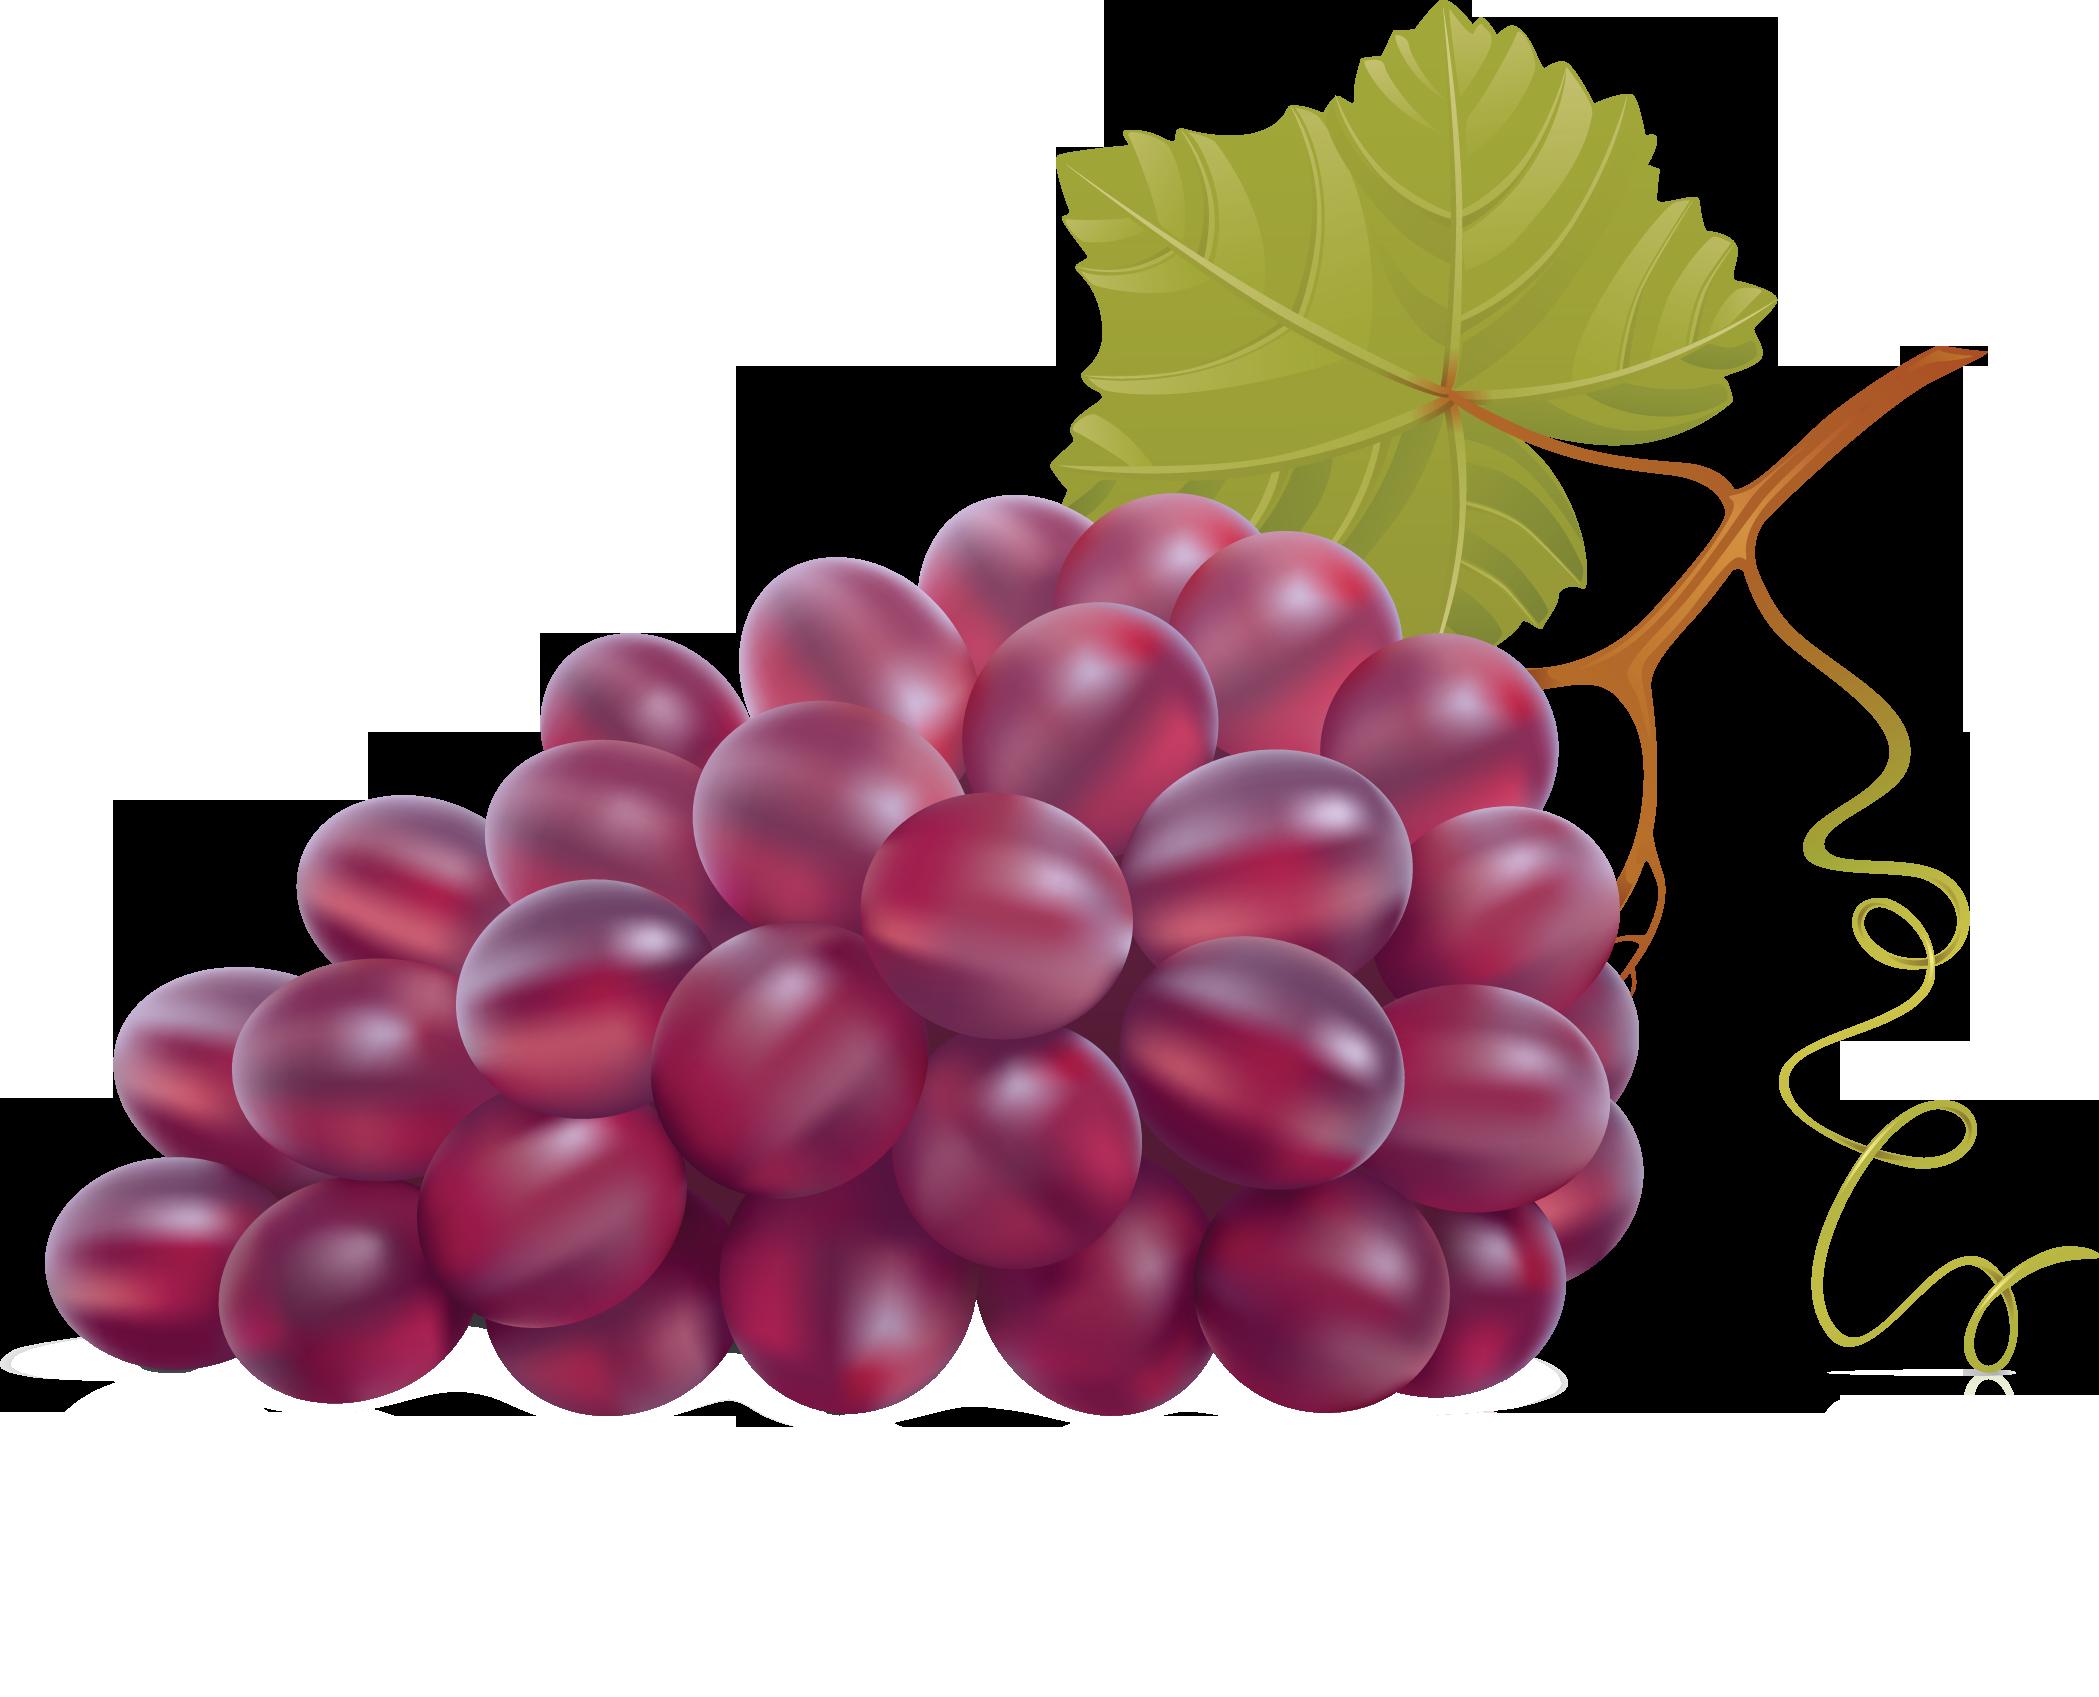 af d b. Grape clipart purple colour